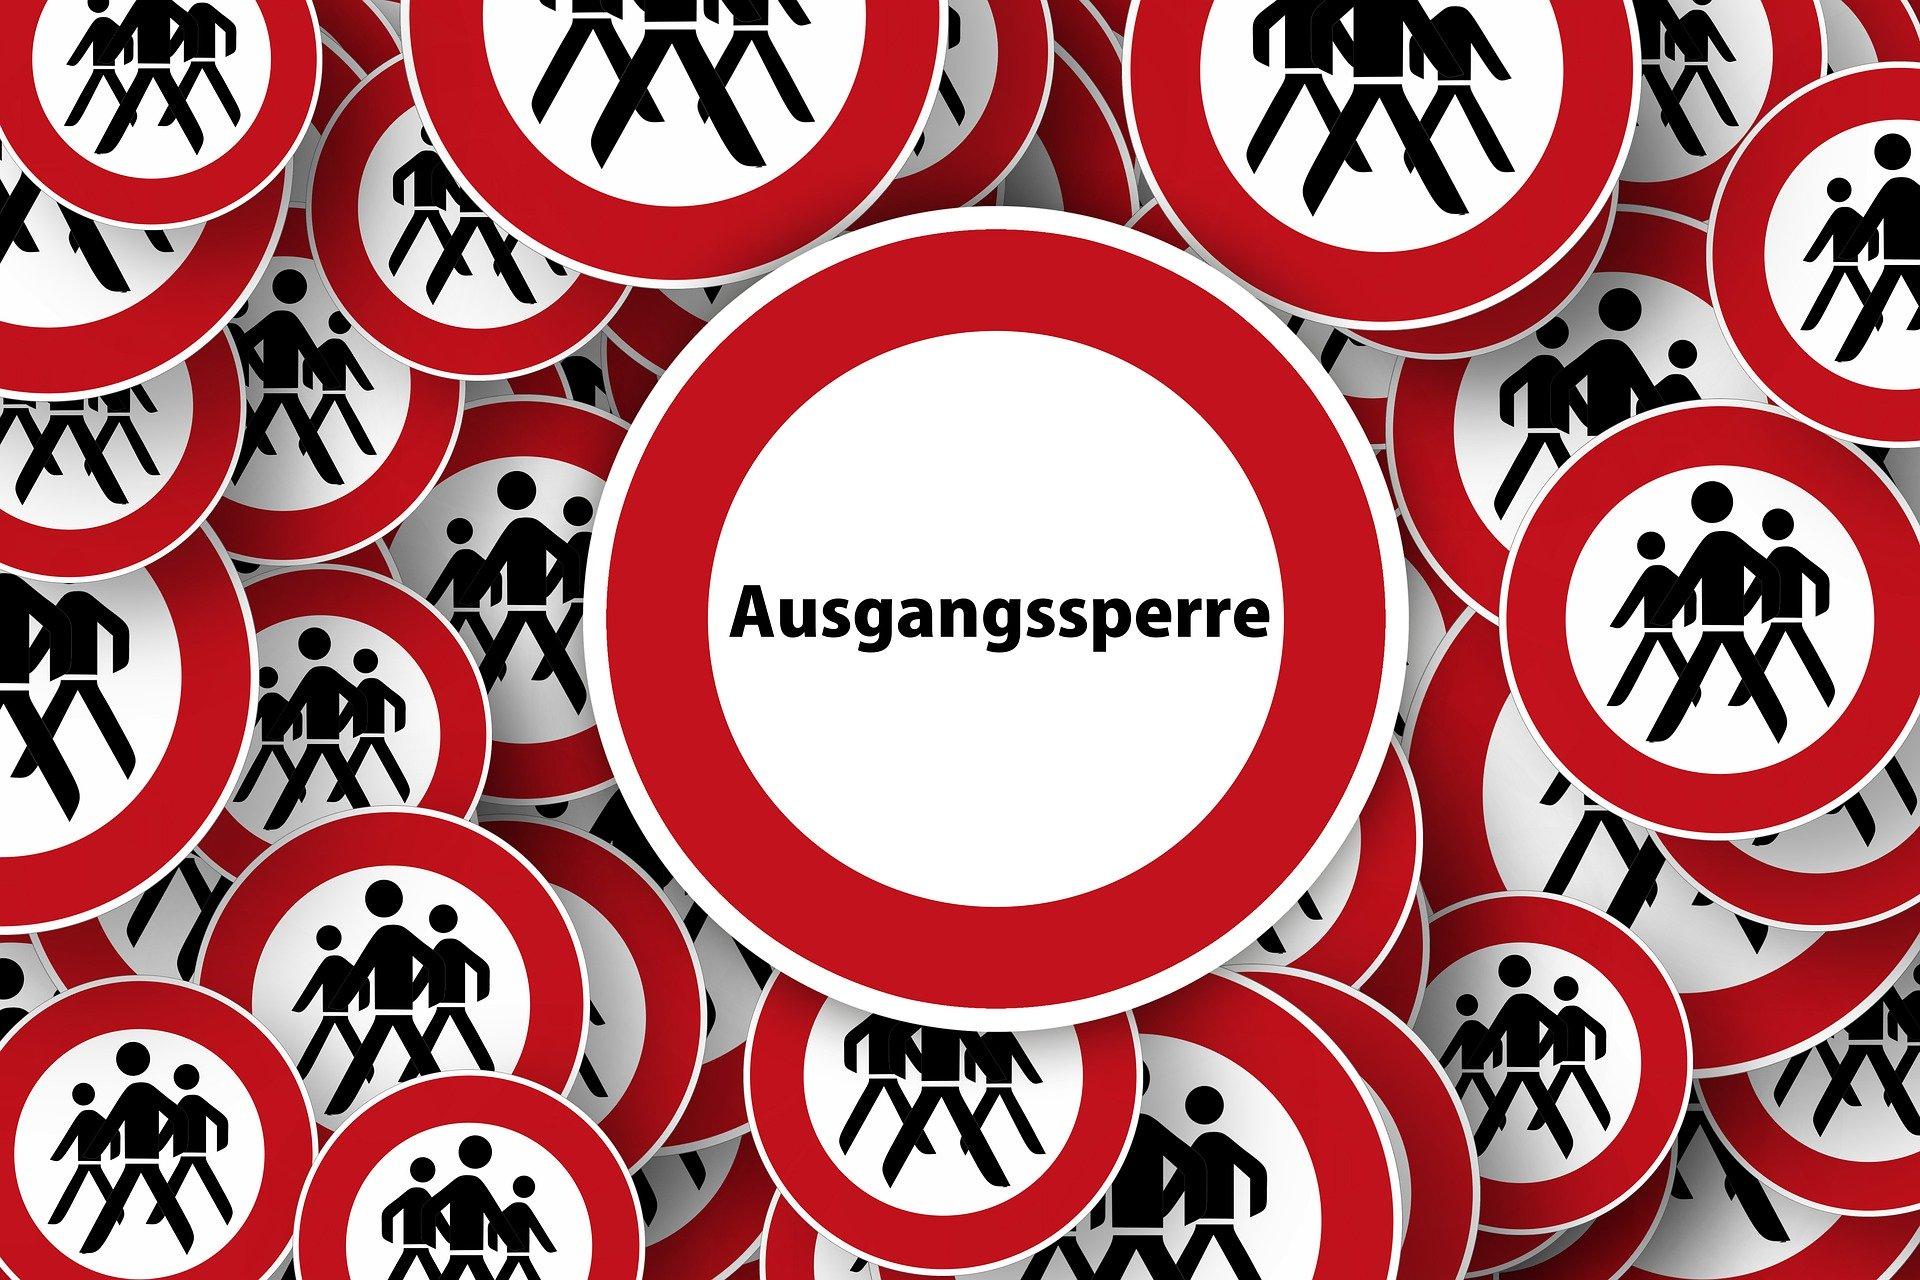 Ideiglenes kijárási korlátozás Bajorországban a korona-járvány miatt